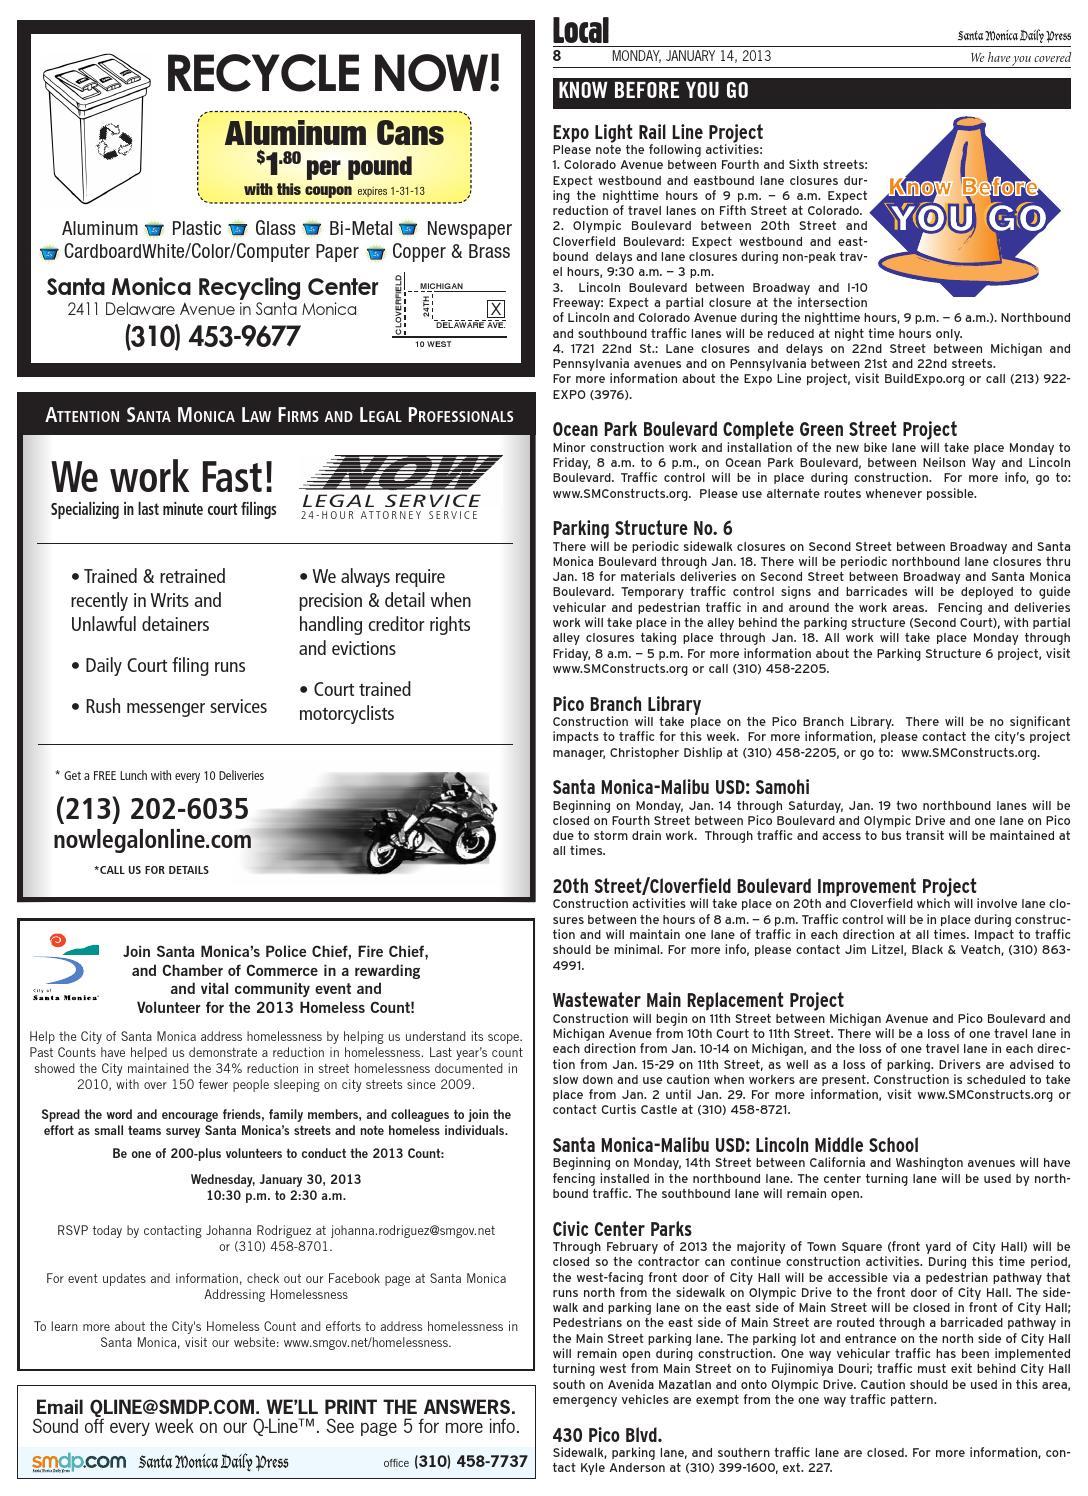 Santa Monica Daily Press, January 14, 2013 by Santa Monica Daily